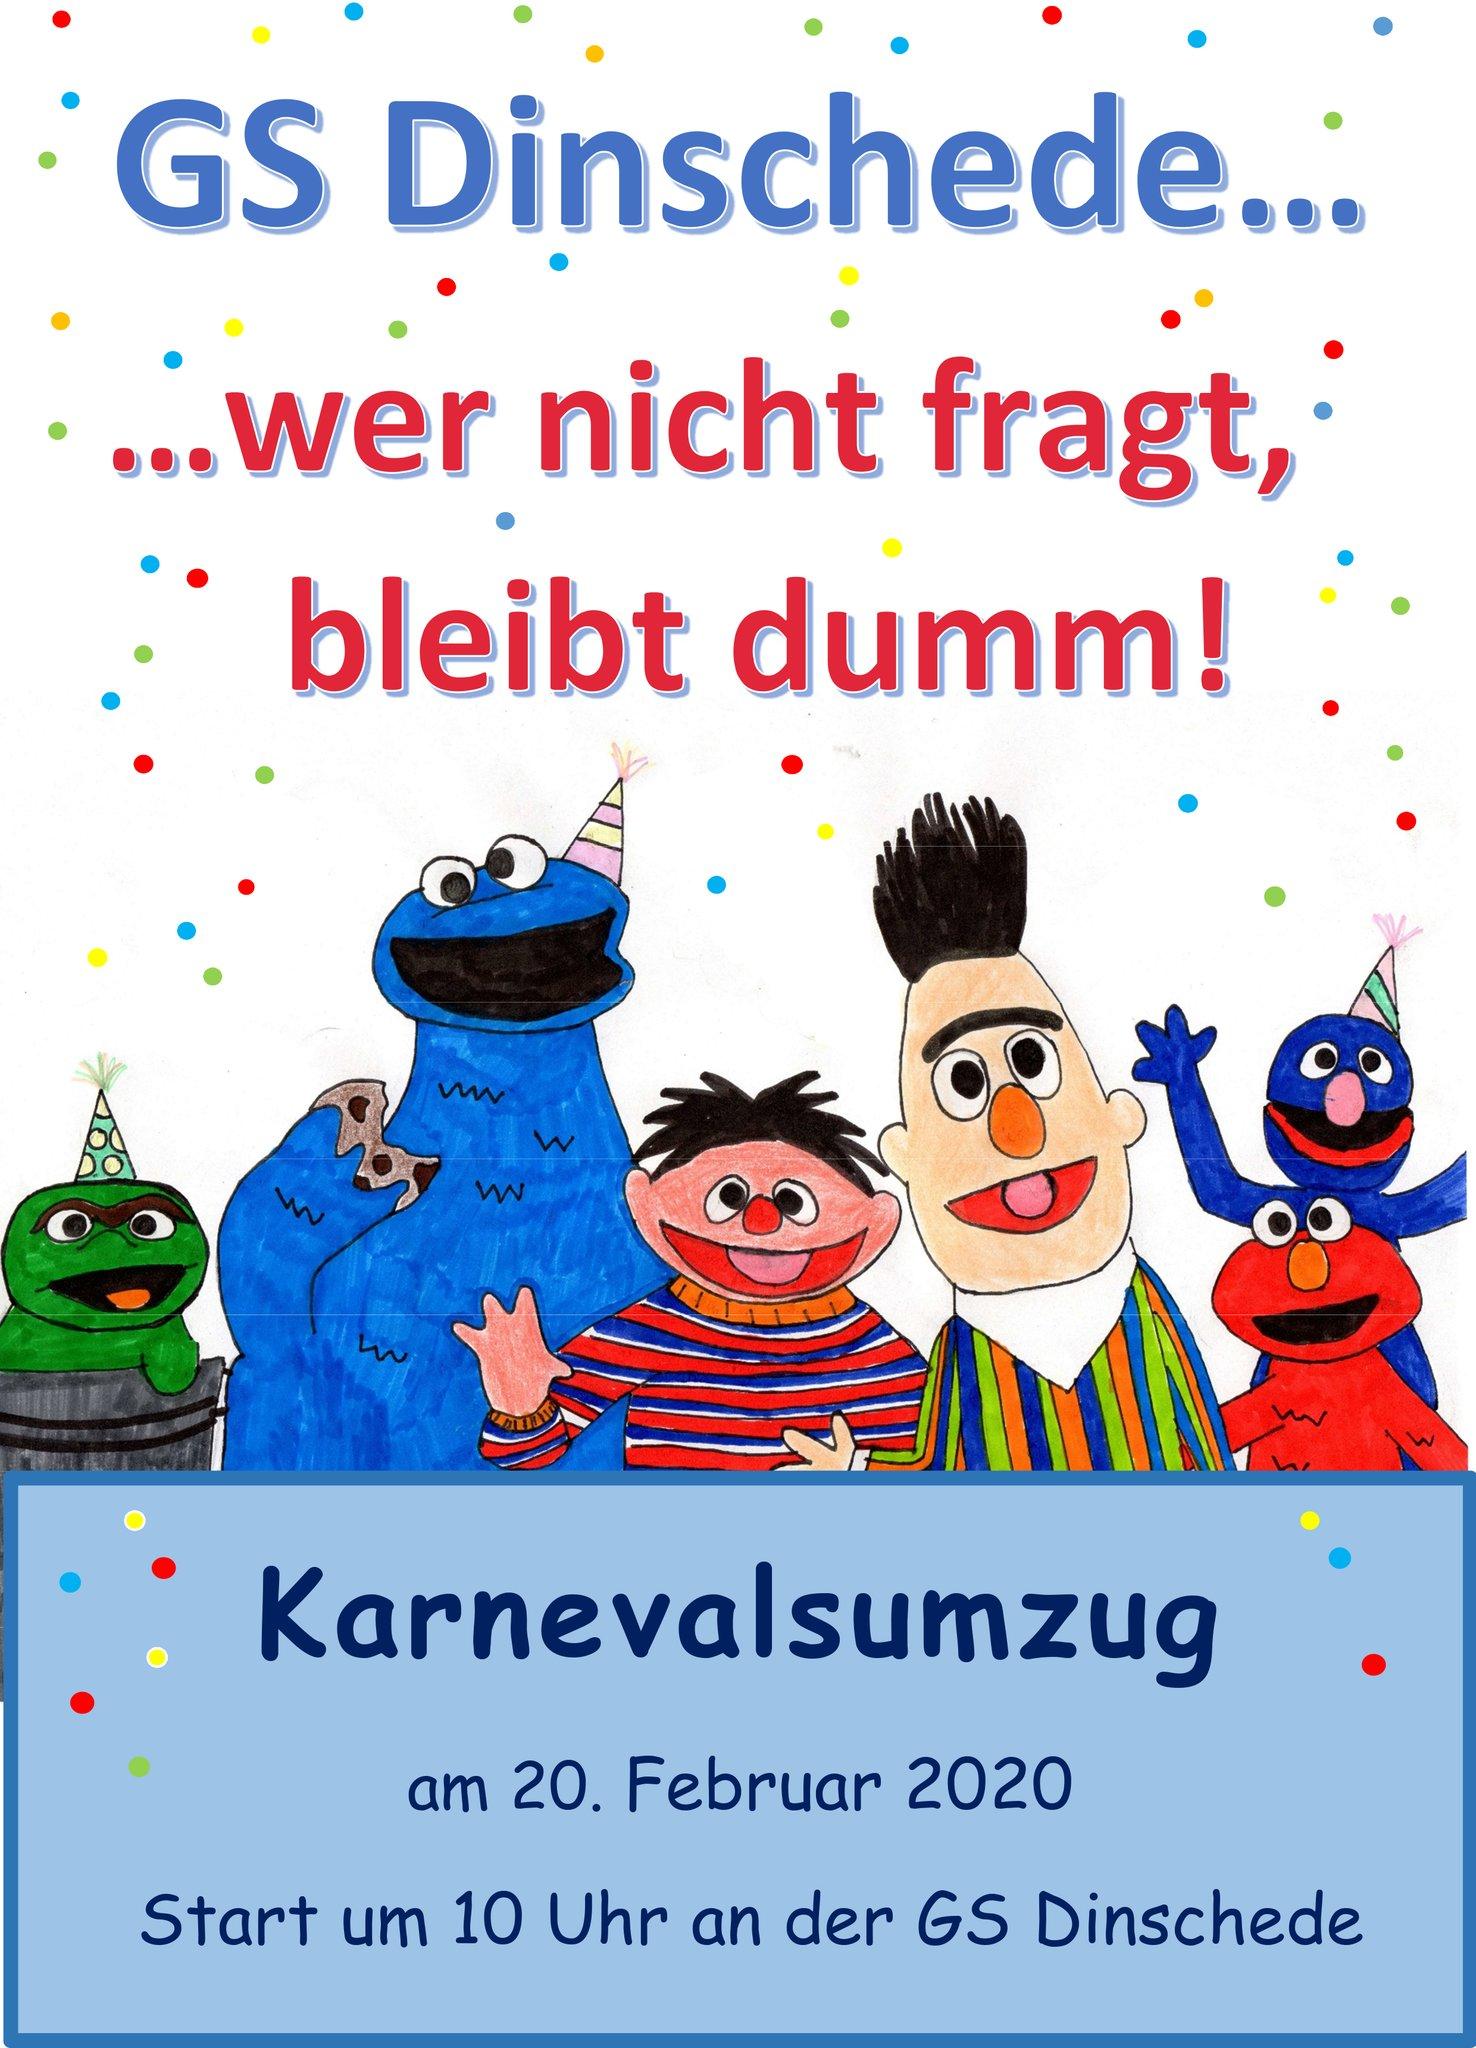 """Traditionell findet auch in diesem Jahr wieder der Karnevalsumzug der Oeventroper Grundschule an Lüttke Fastnacht statt. Unter dem Motto """"GS Dinschede … wer nicht fragt, bleibt dumm!"""" startet der Umzug um 10 Uhr auf dem Schulhof der Grundschule und führt zur Kirchstraße."""